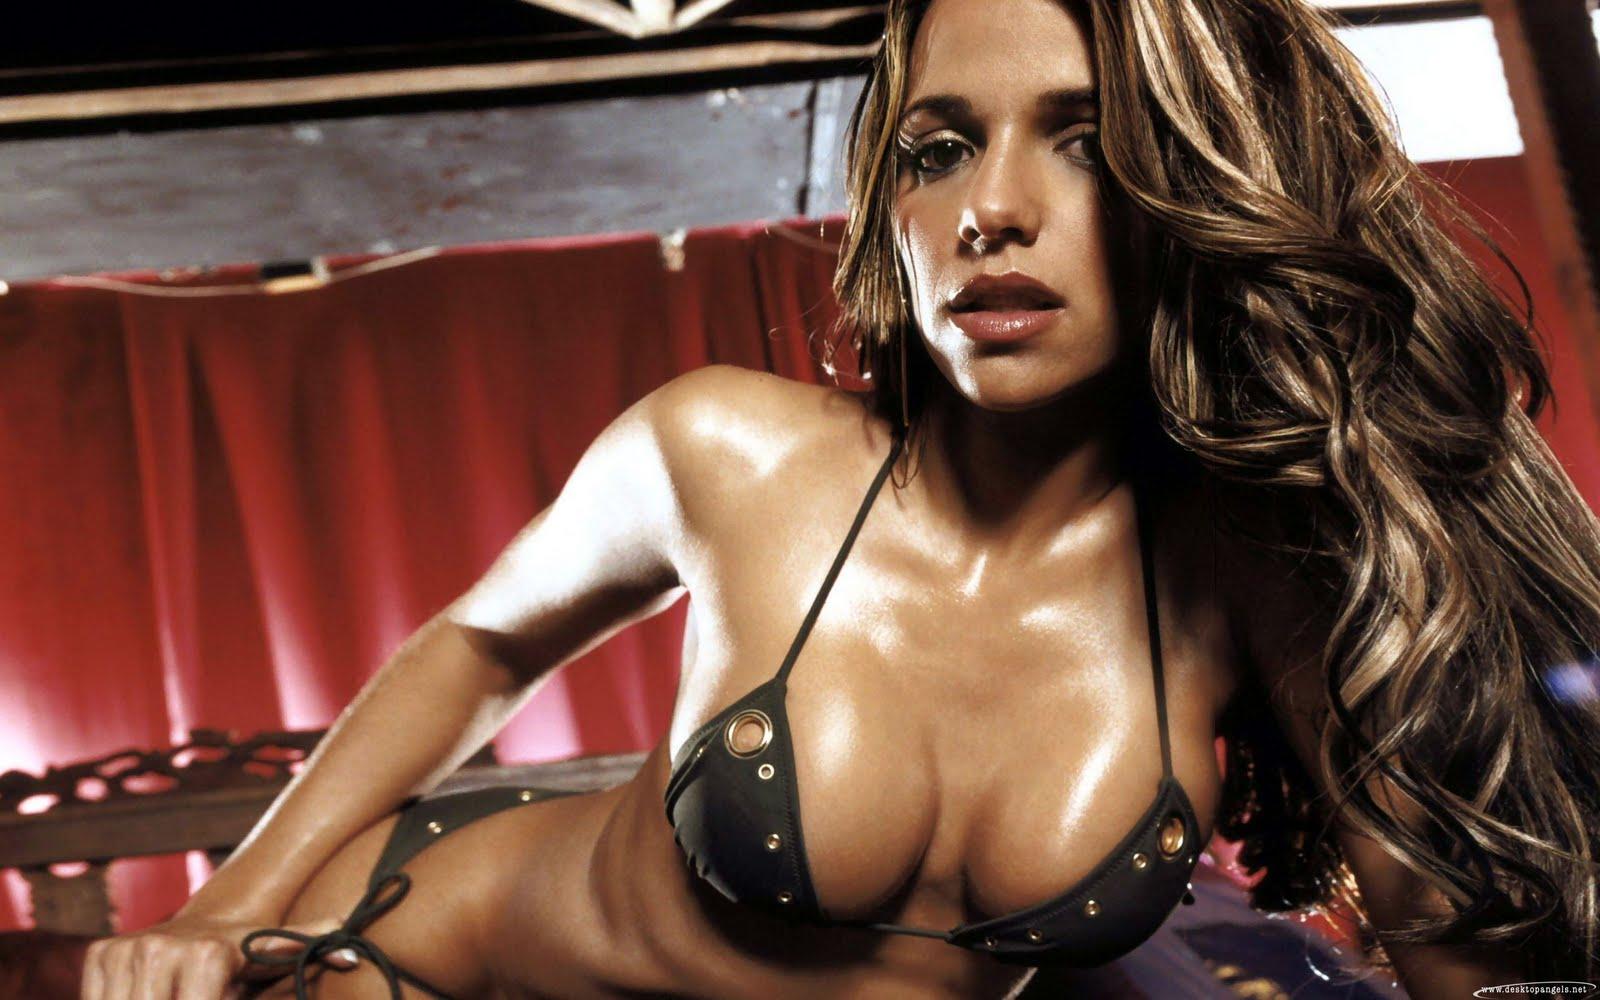 Vida guerra bikini mix 2010 - 4 2